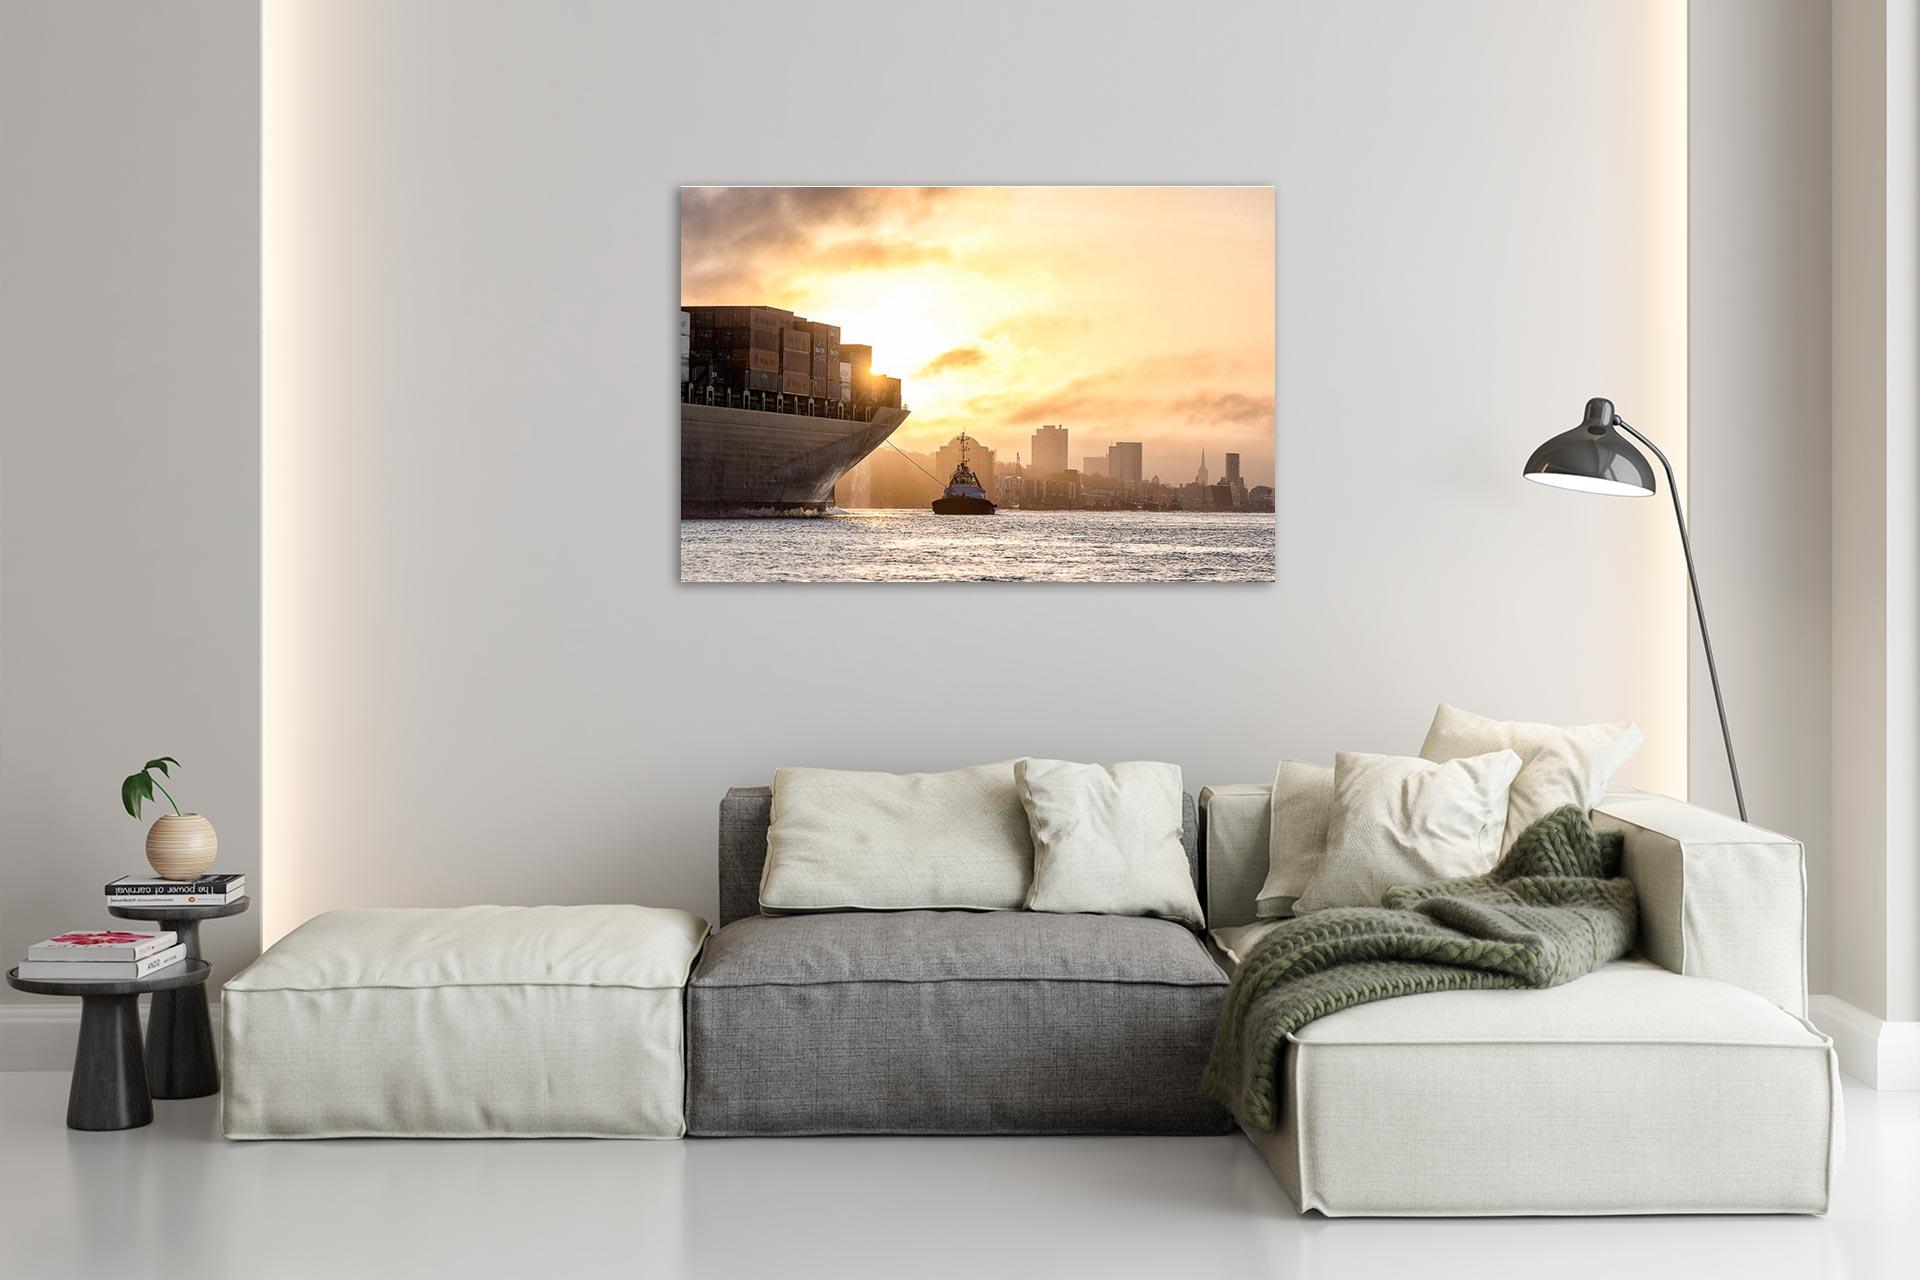 LCW235-fruehschicht-hamburg-wandbild-bild-auf-leinwand-acrylglas-aludibond-wohnzimmer